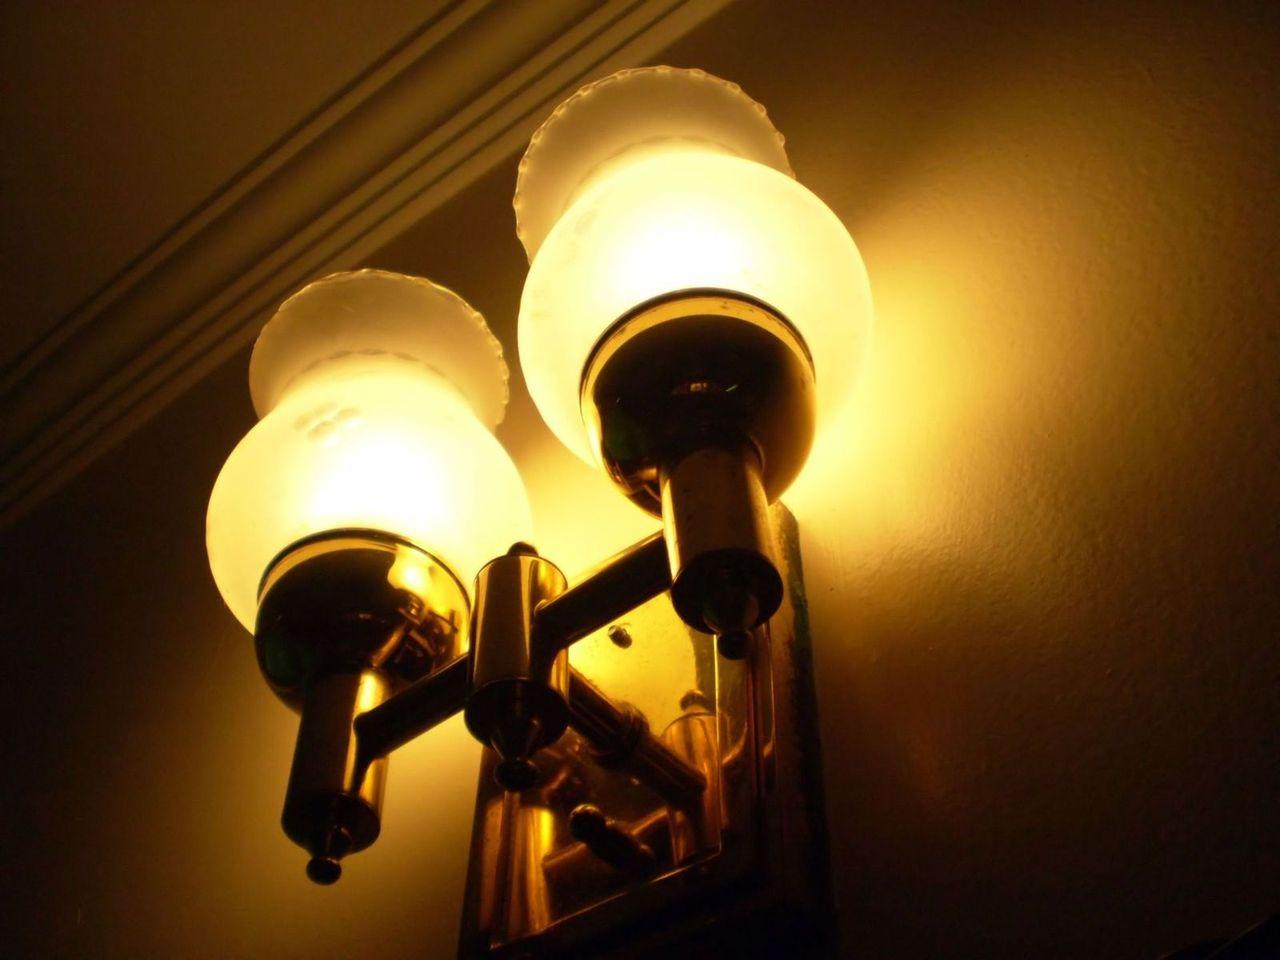 Nowoczesna lampa w nowoczesnym wnętrzu